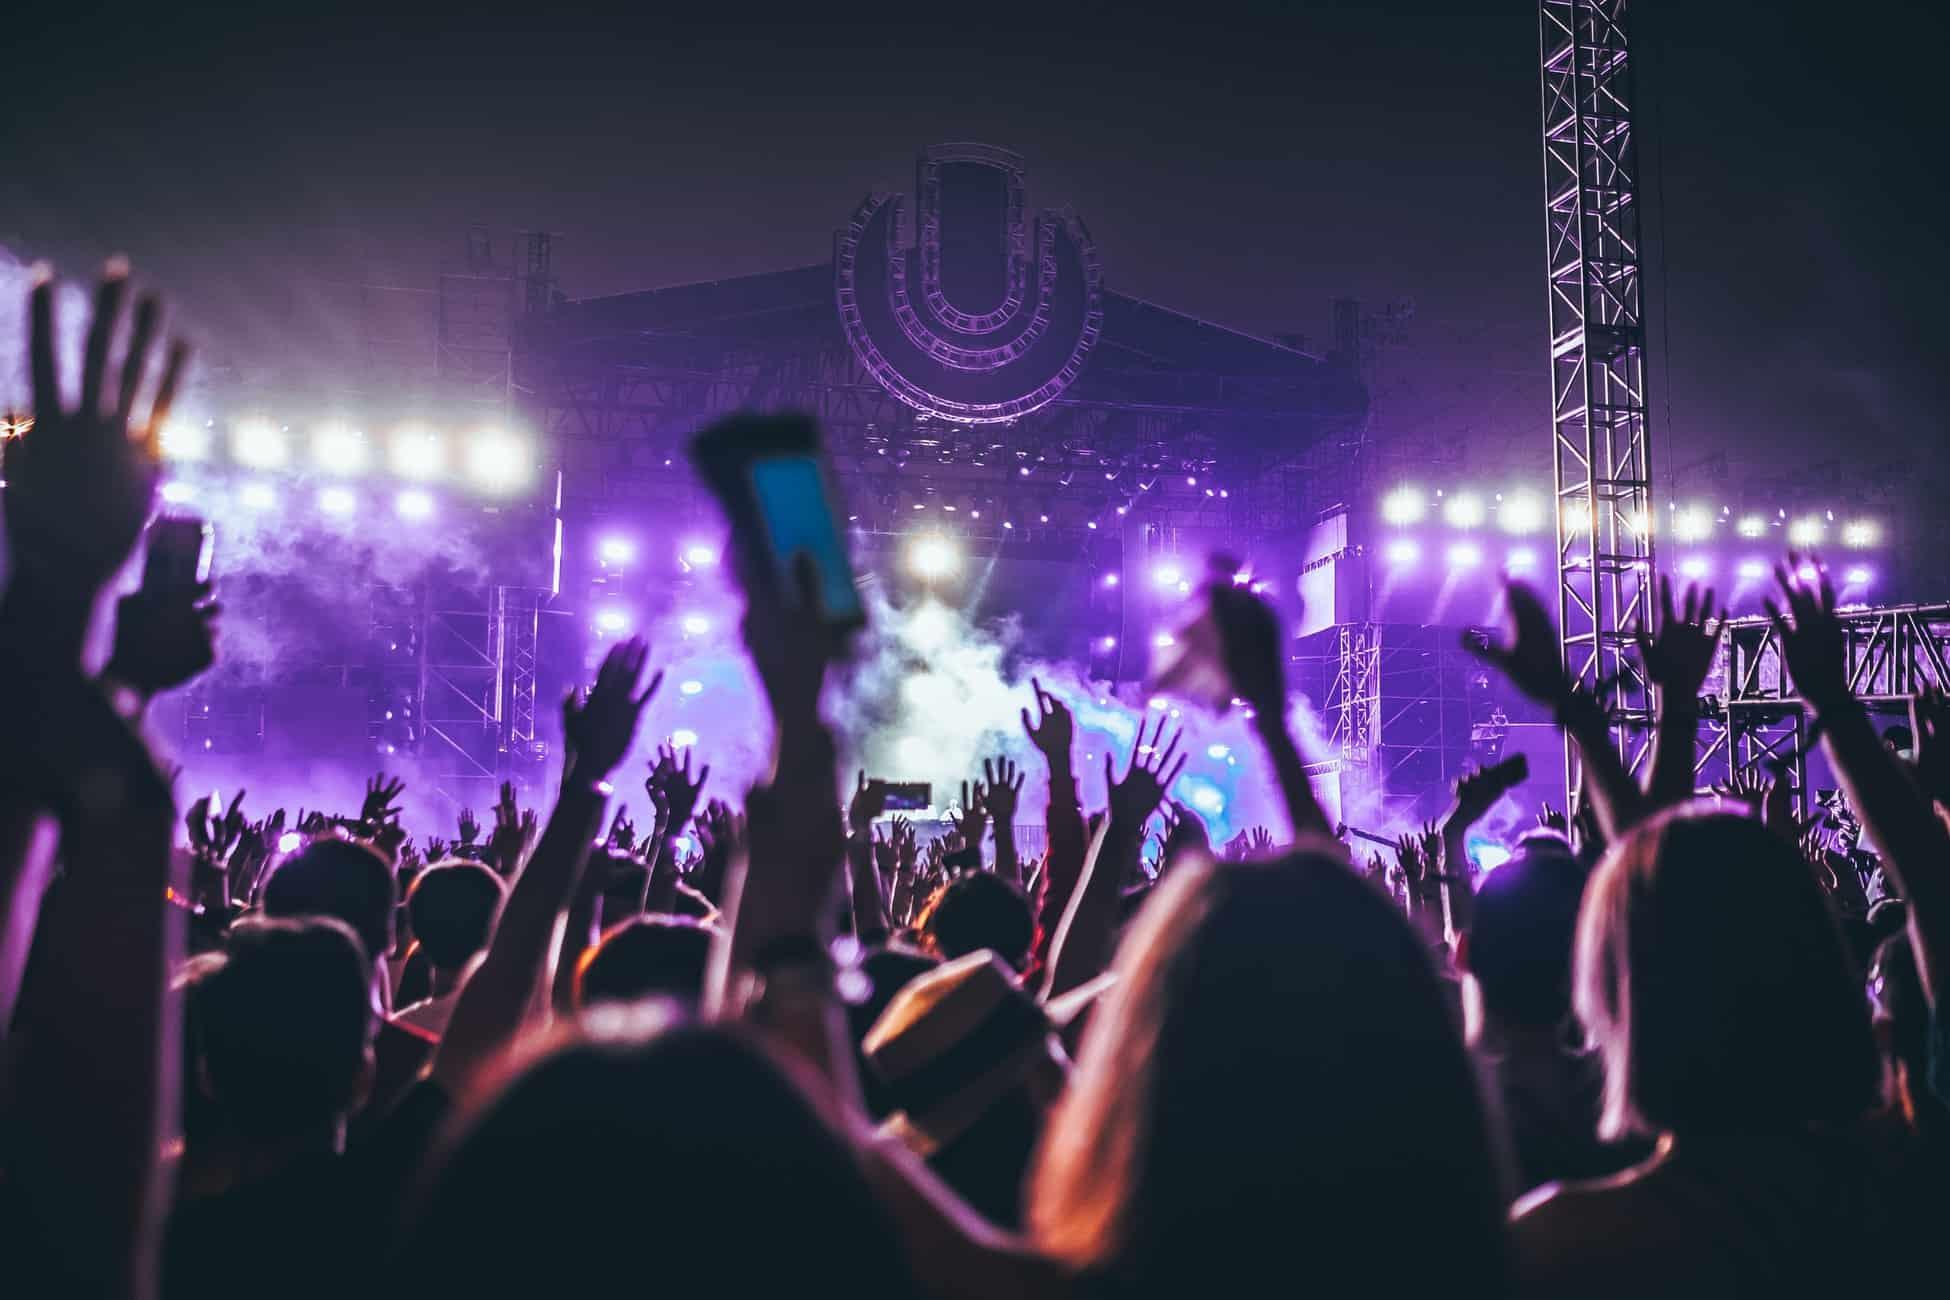 Concert industry